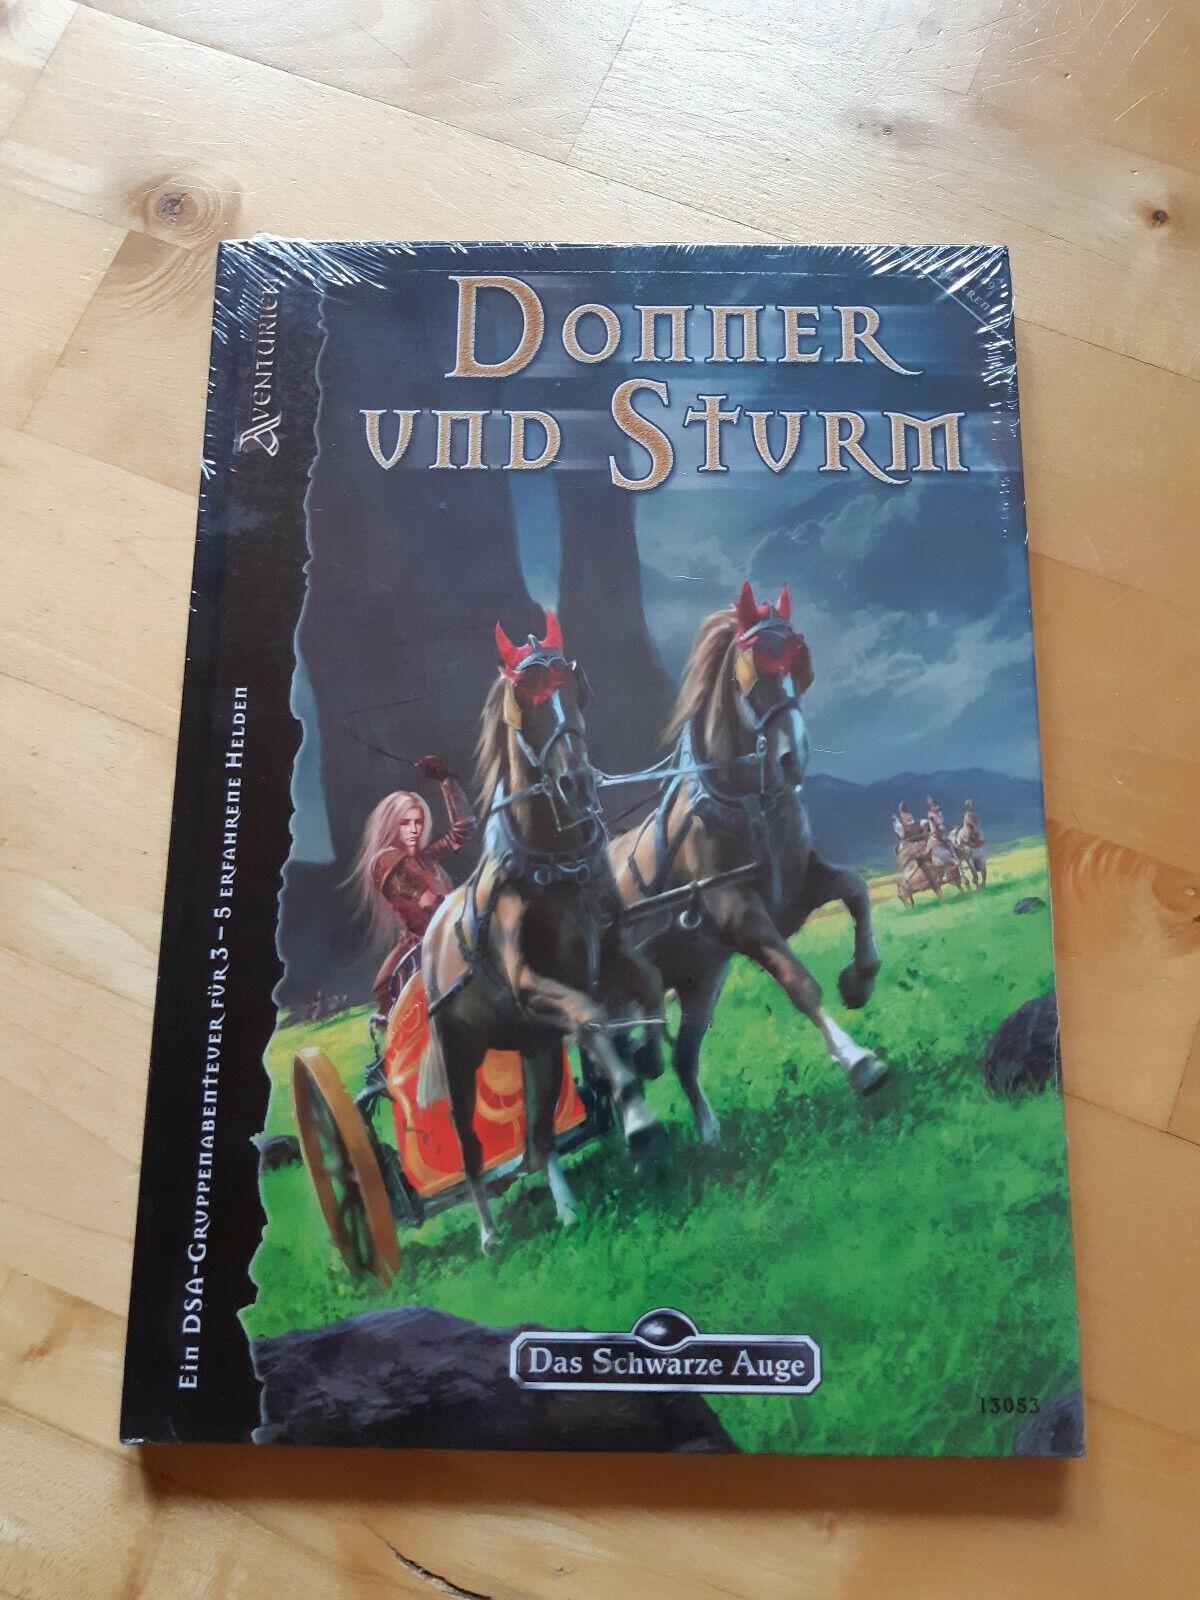 DSA - Donner und Sturm (Nr. 169- Erfahren), Das schwarze Auge Abenteuer